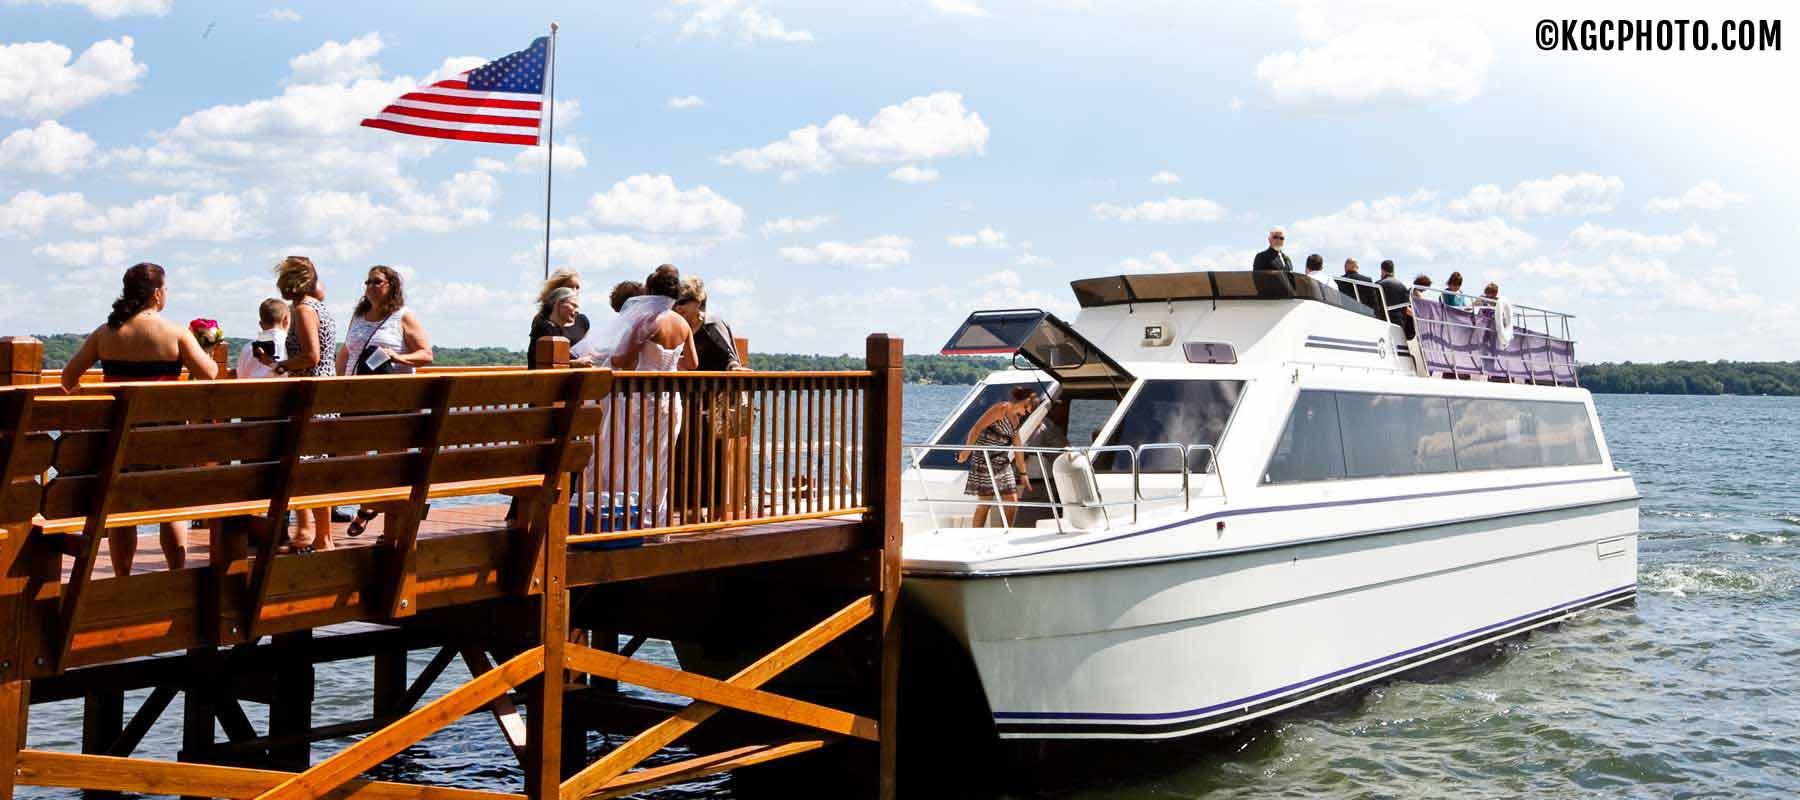 Escapade Yacht Wedding Cruise